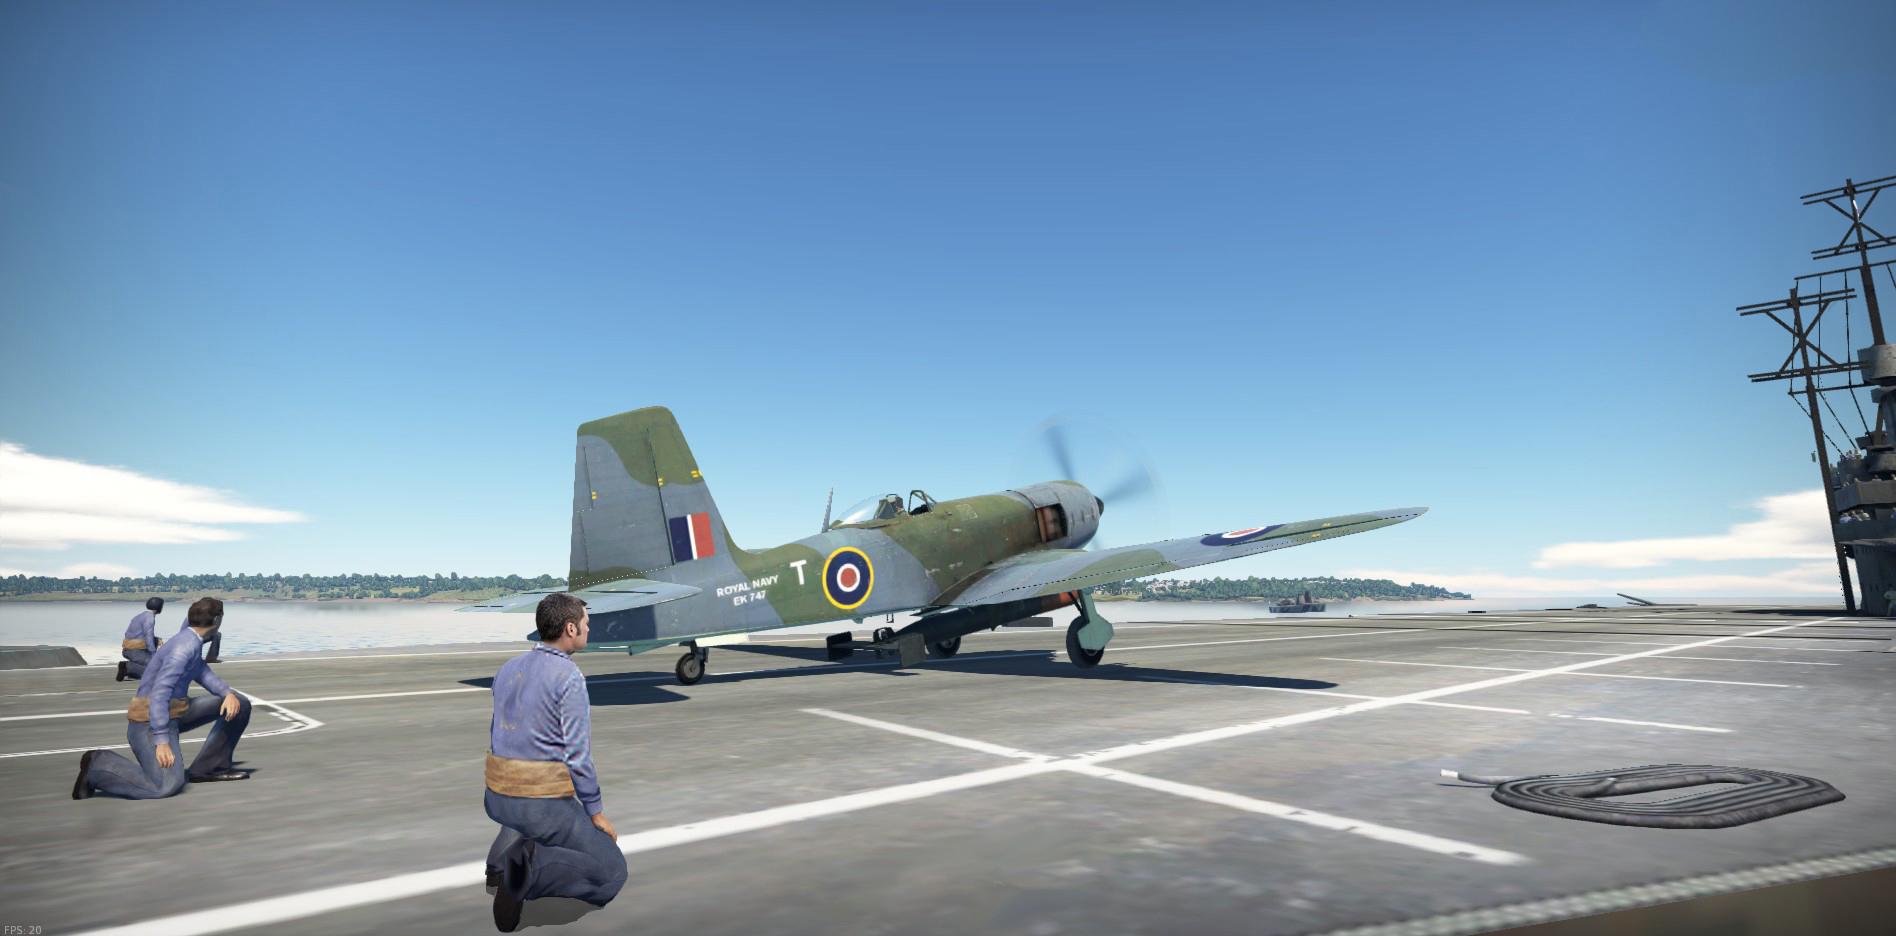 1946 Blackburn Firebrand on deck